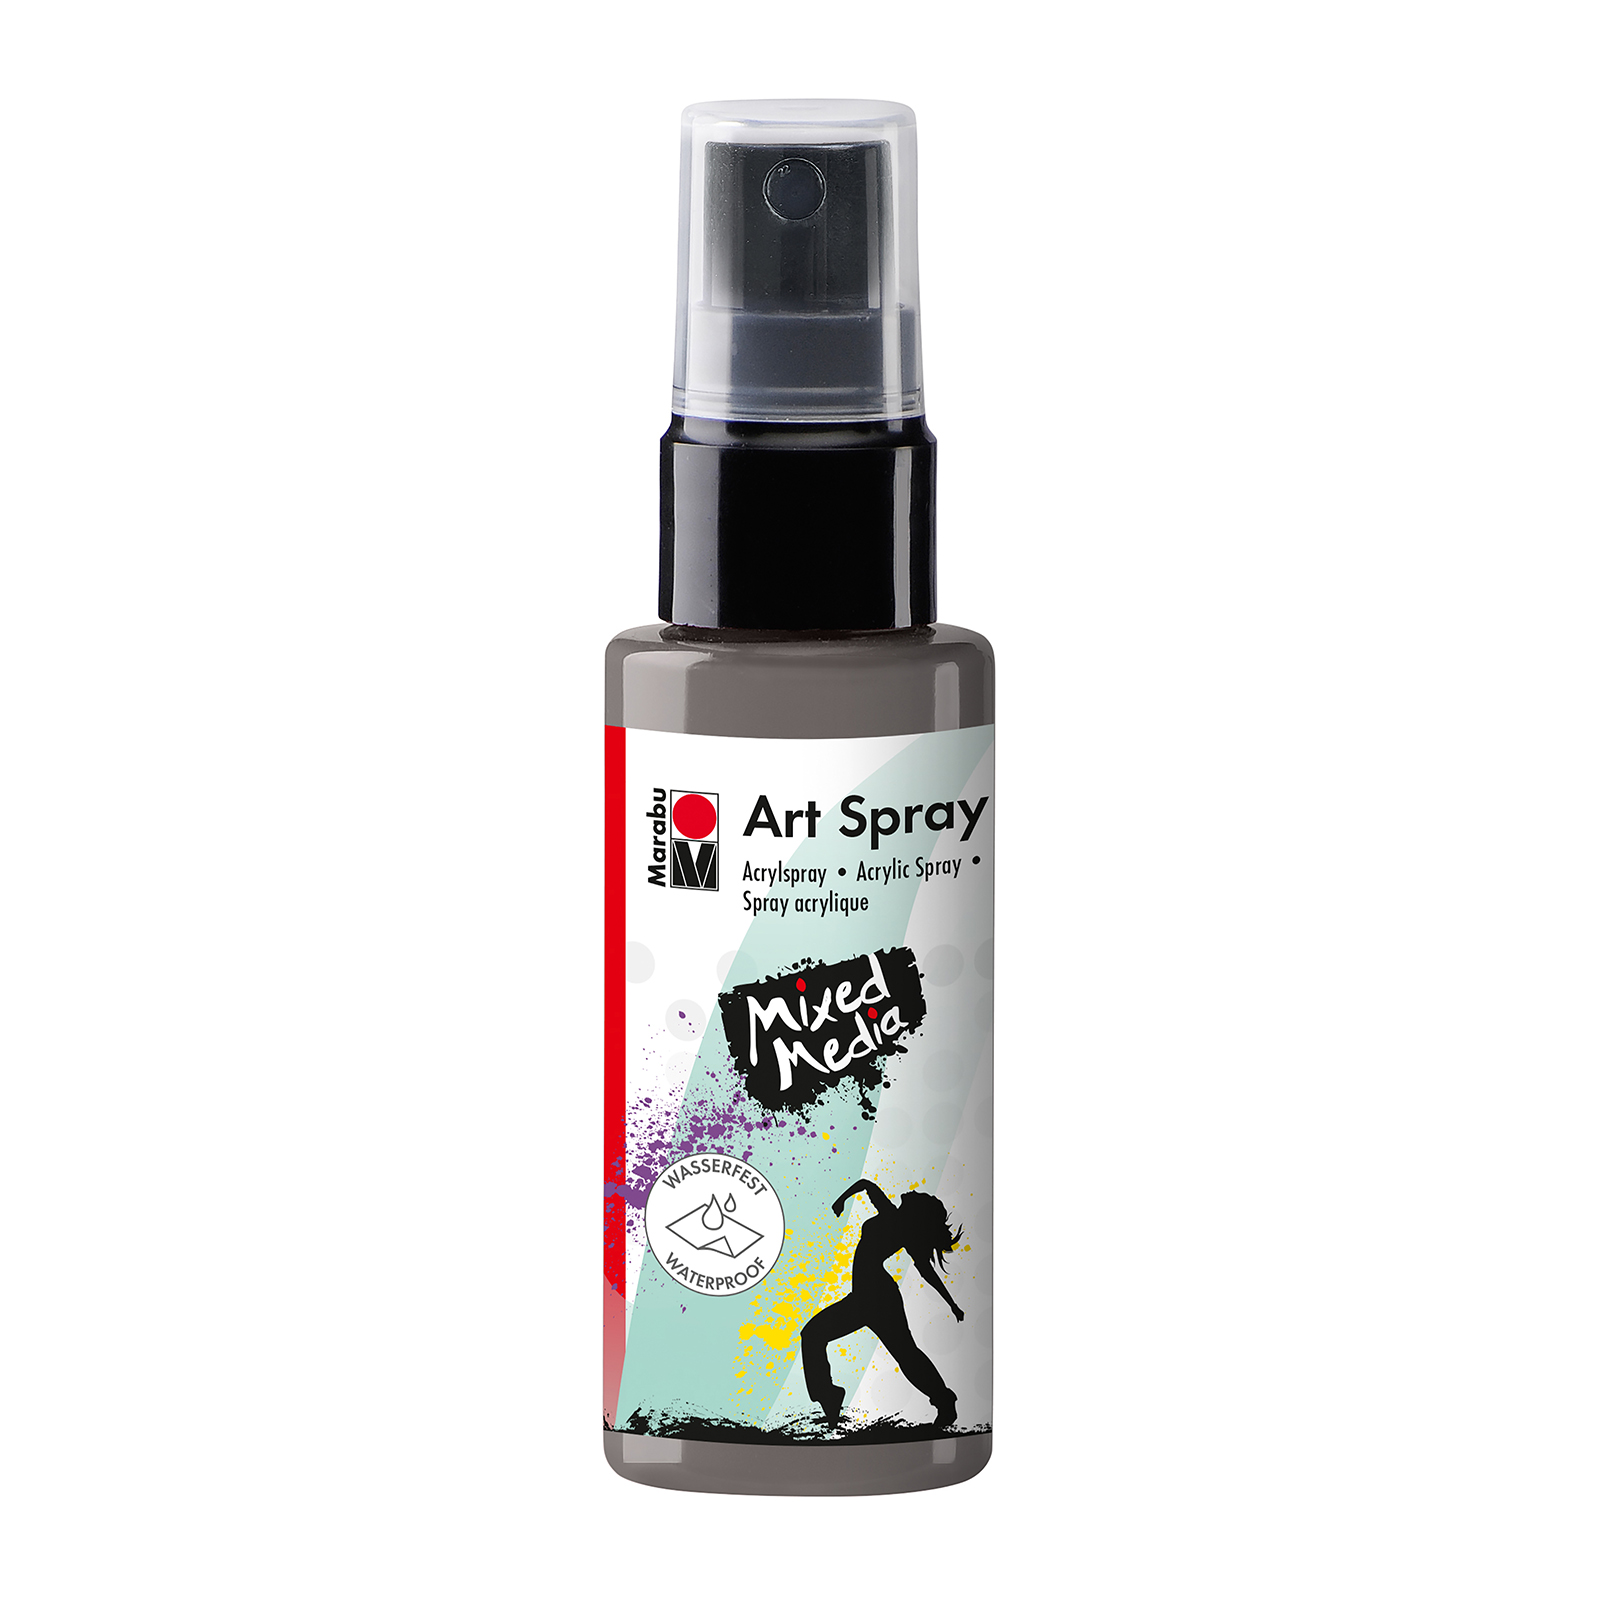 marabu art spray acrylic paint gray